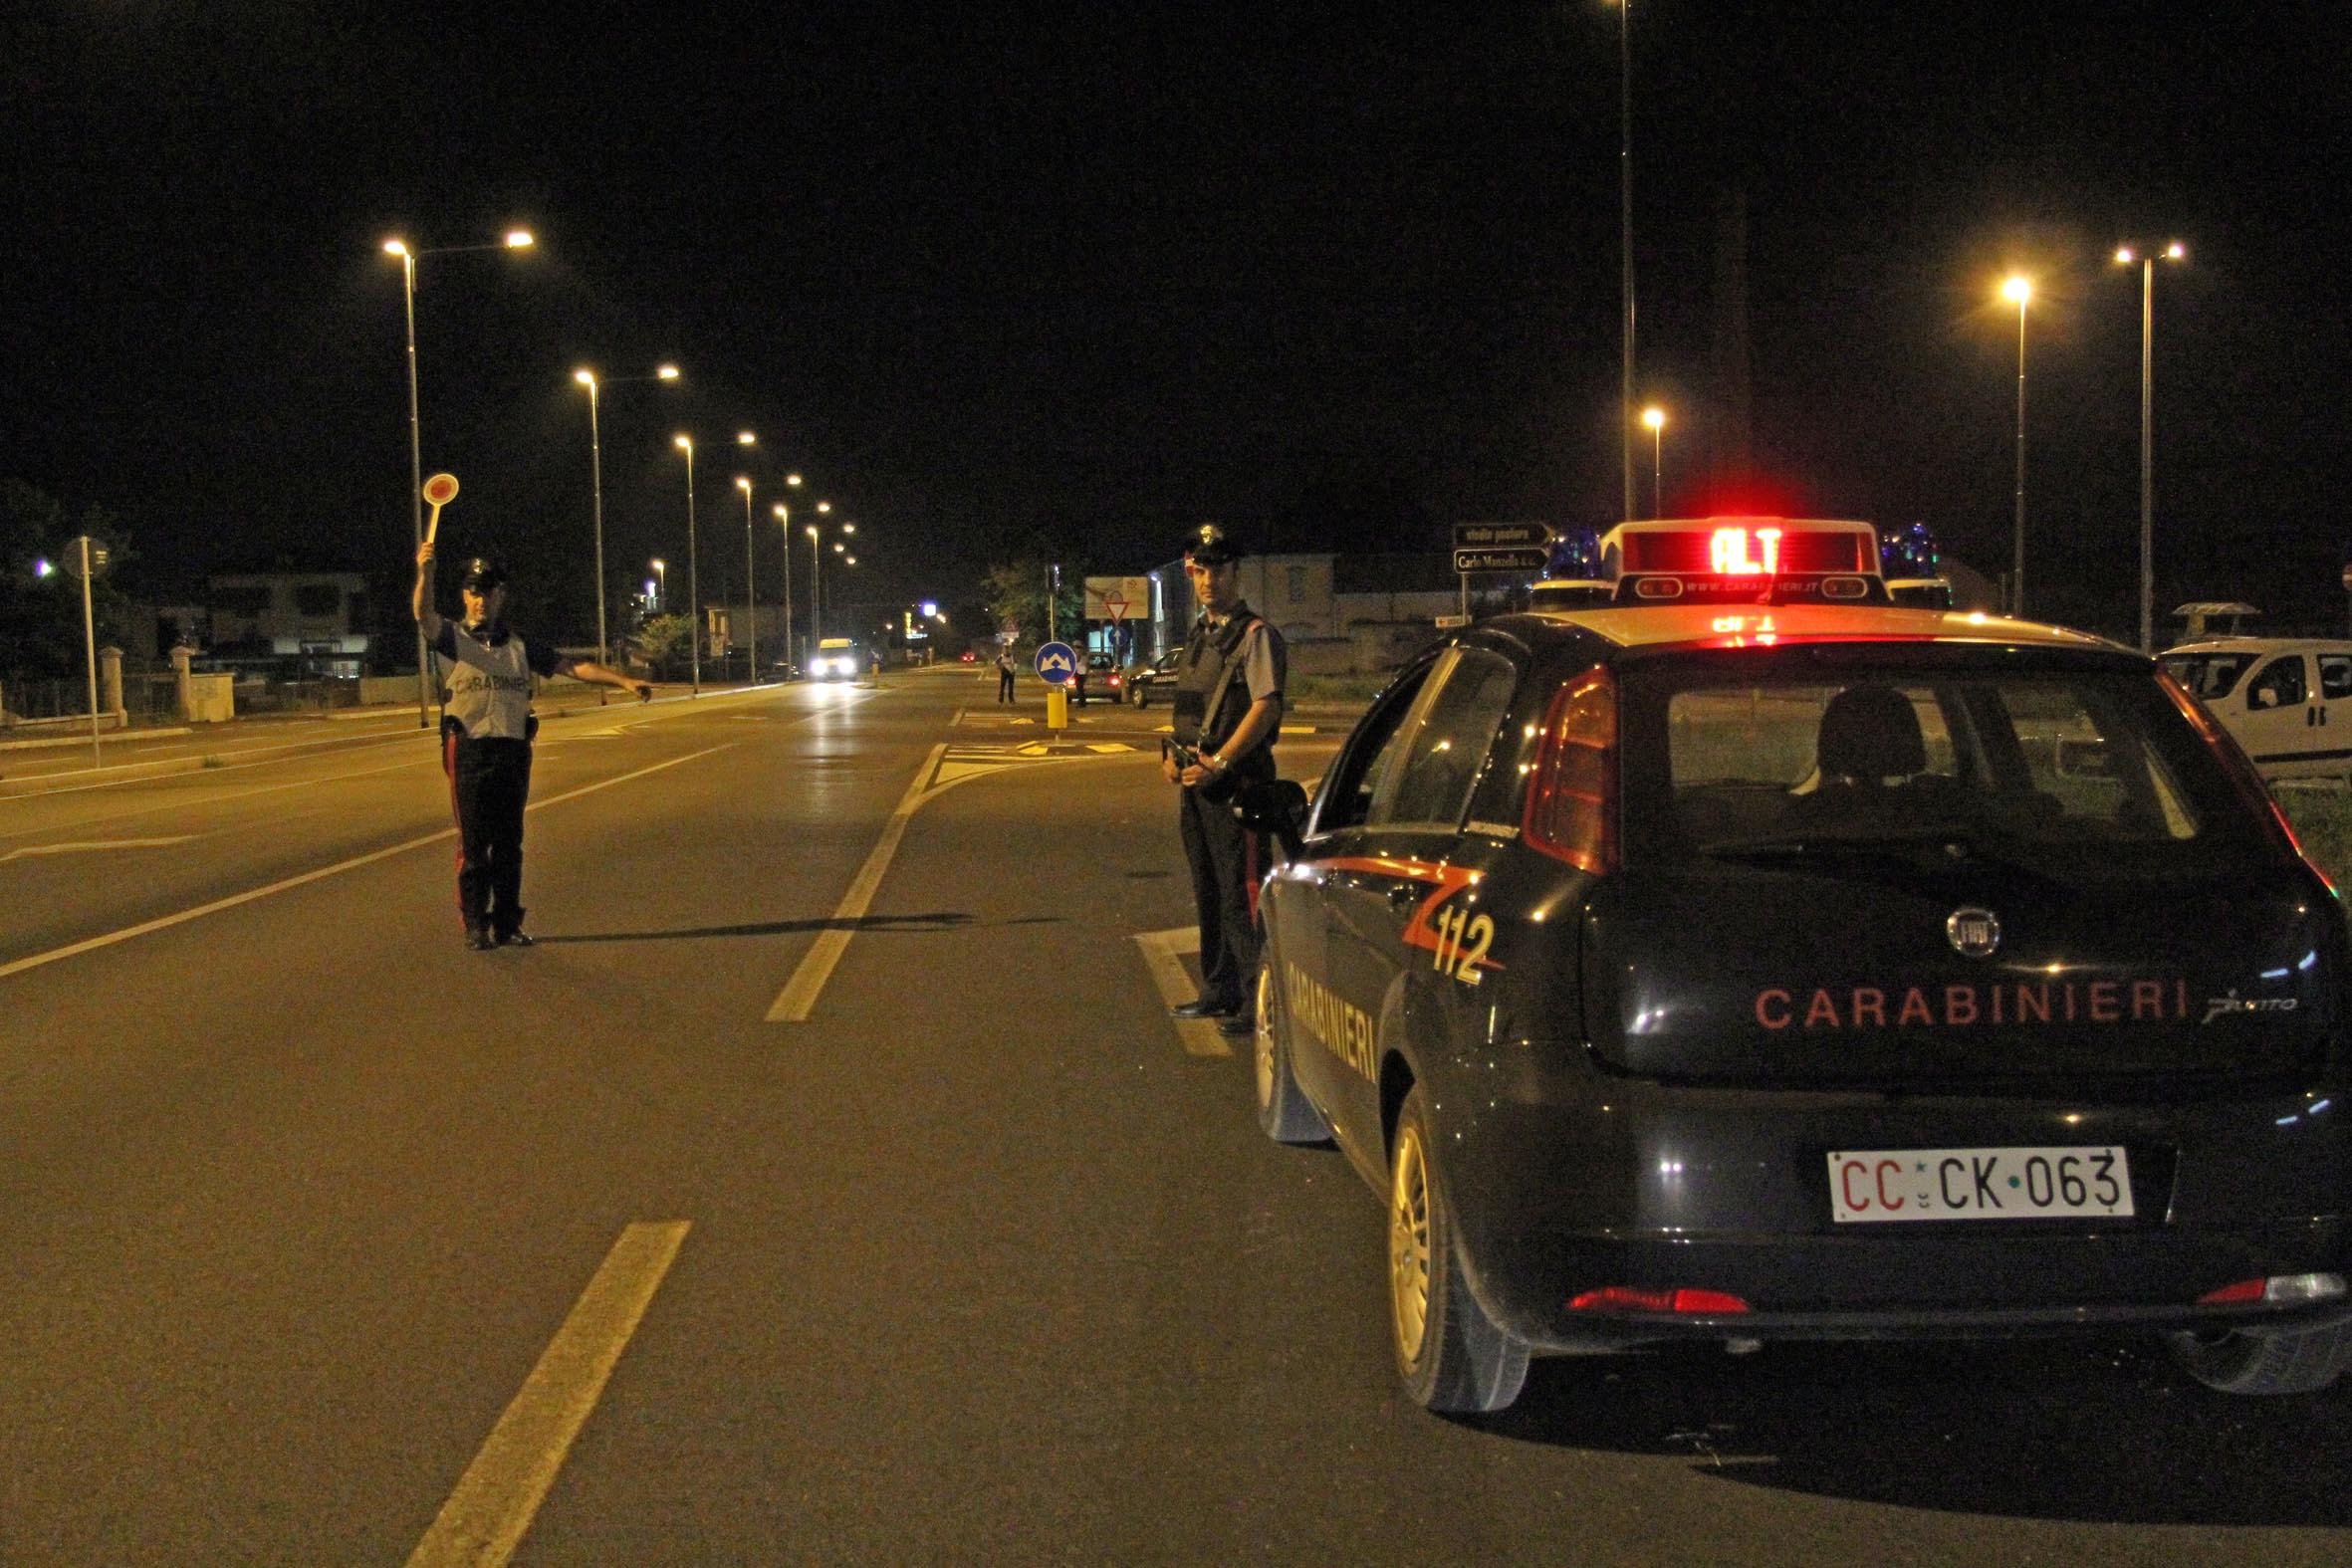 posto di blocco carabinieri, controlli